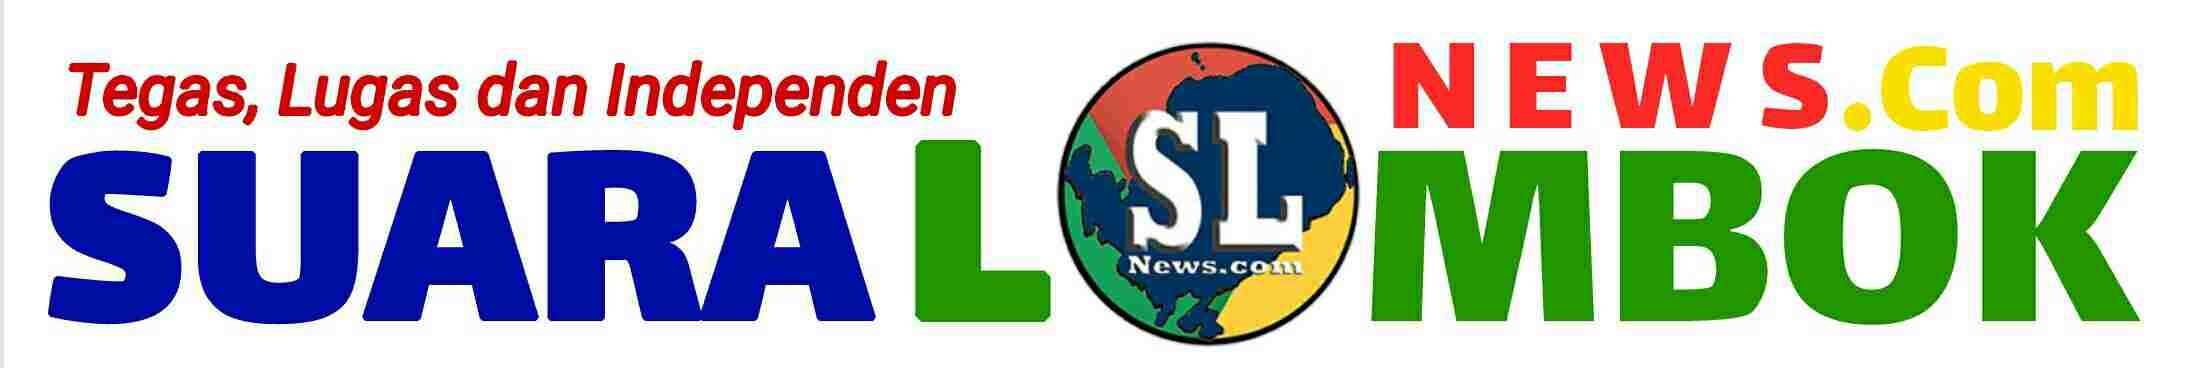 www.suaralomboknews.com